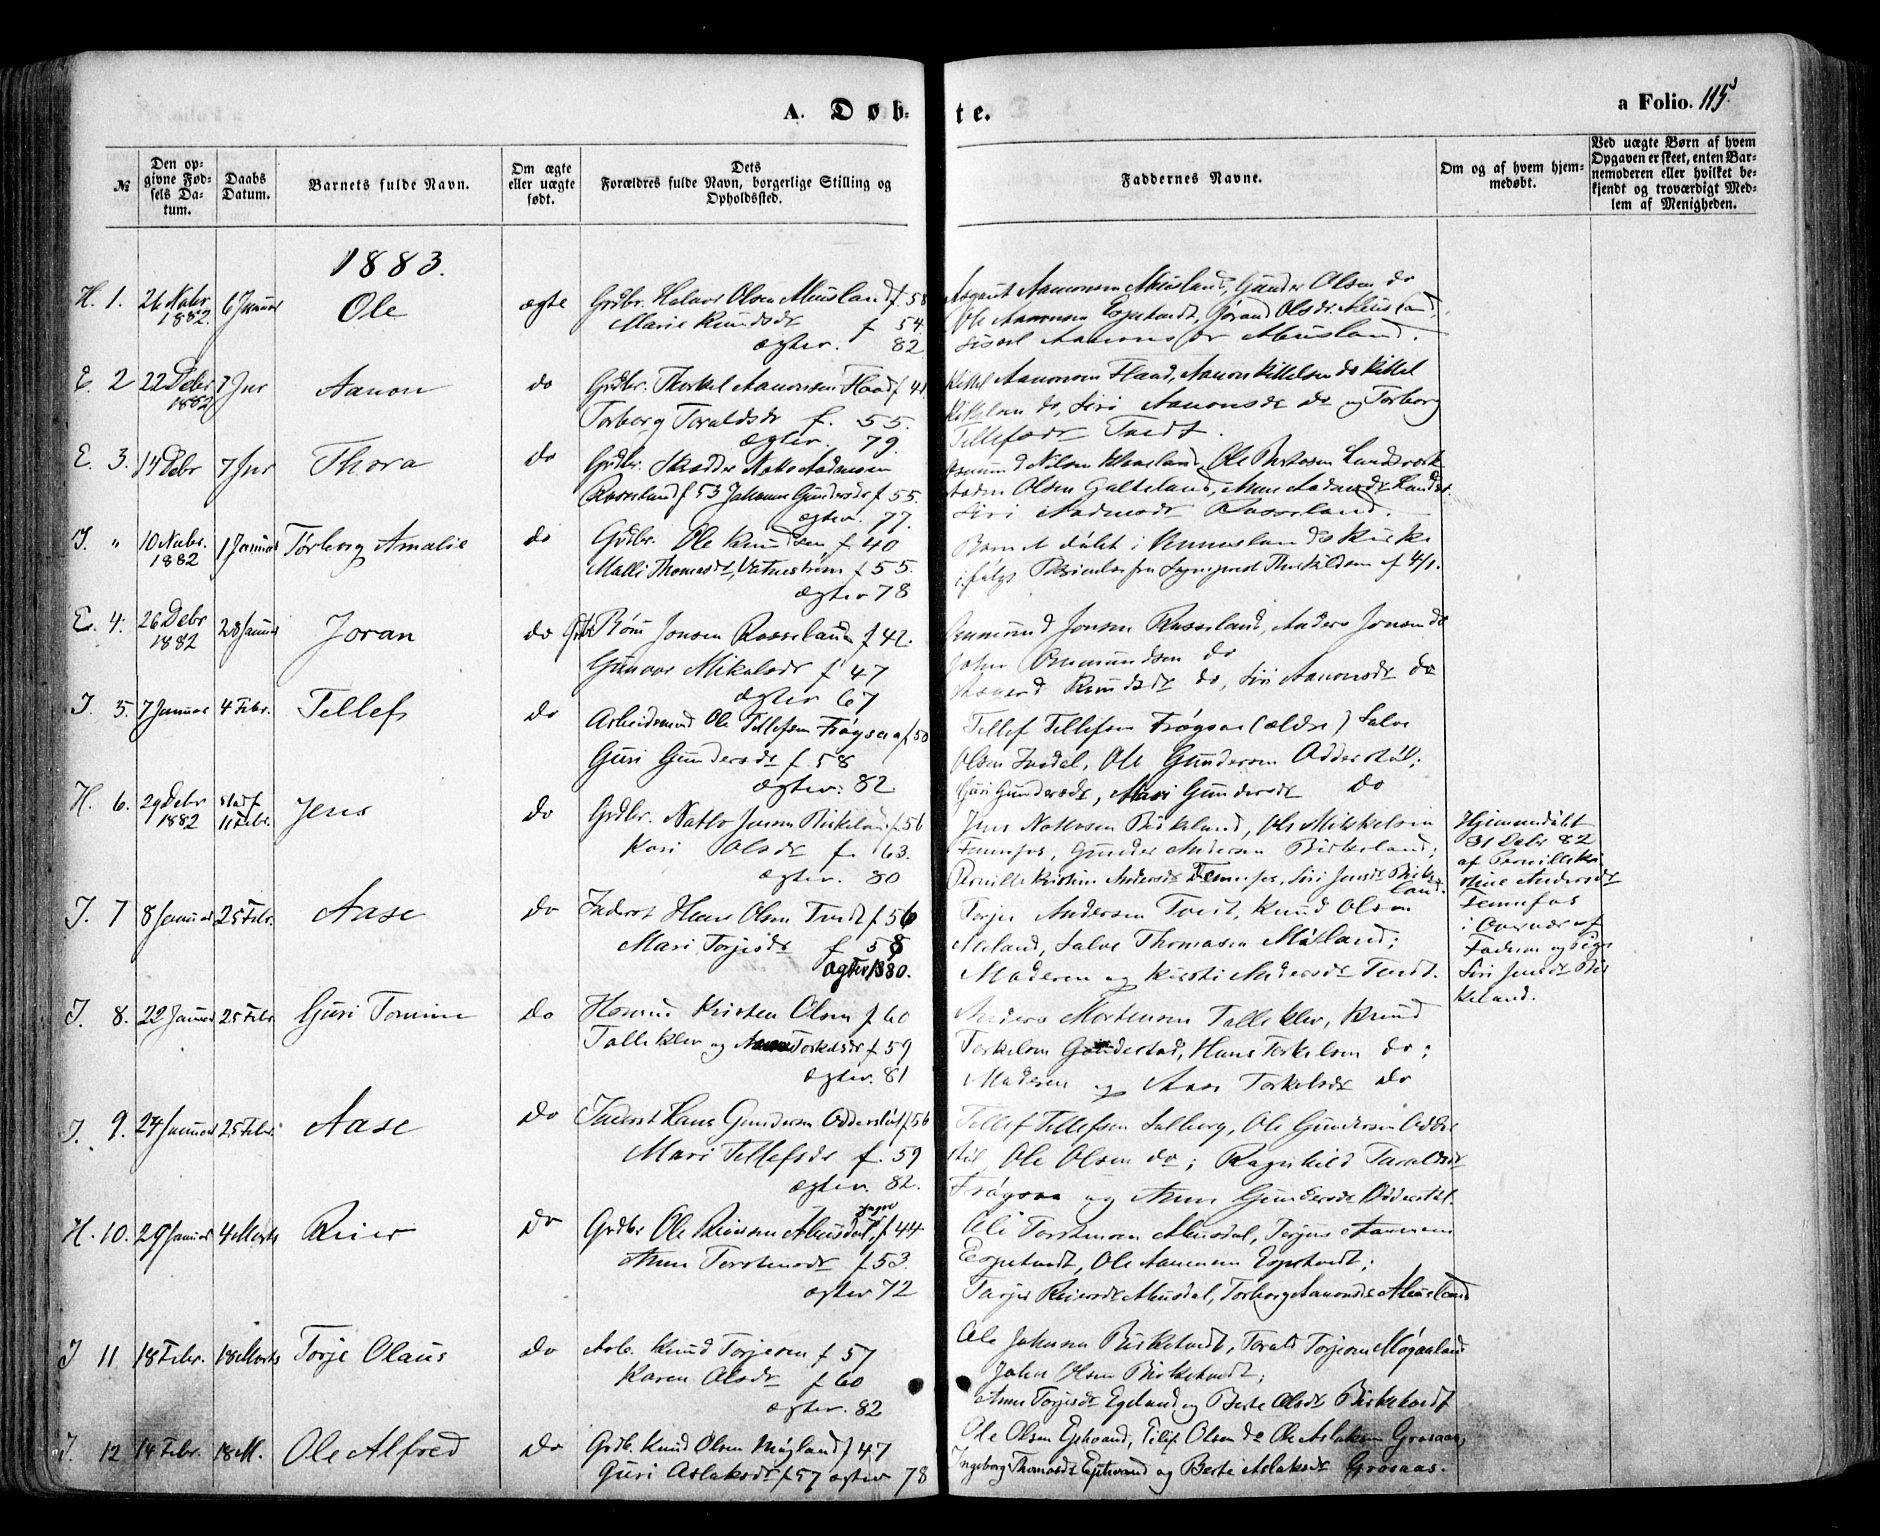 SAK, Evje sokneprestkontor, F/Fa/Faa/L0006: Ministerialbok nr. A 6, 1866-1884, s. 115